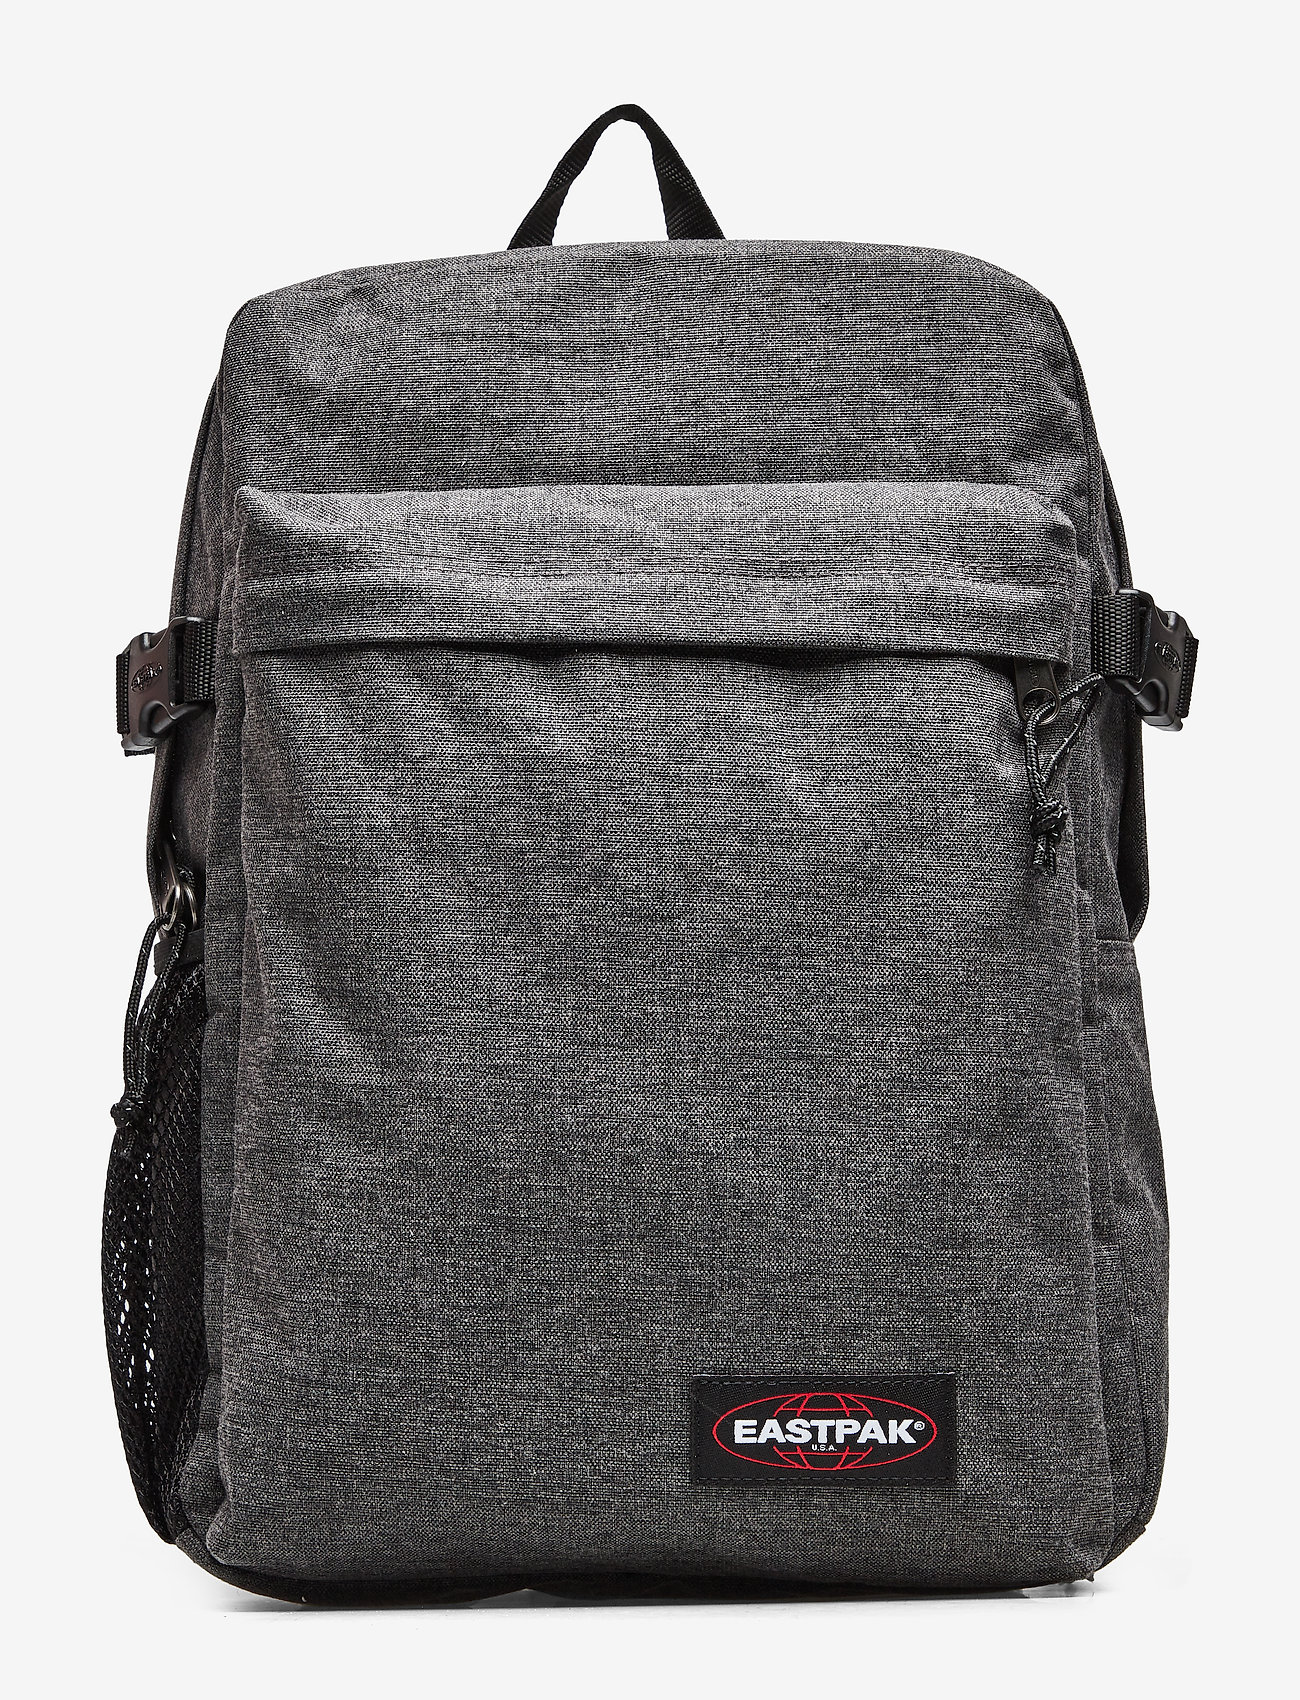 Eastpak - STANDLER - sacs a dos - black denim - 0